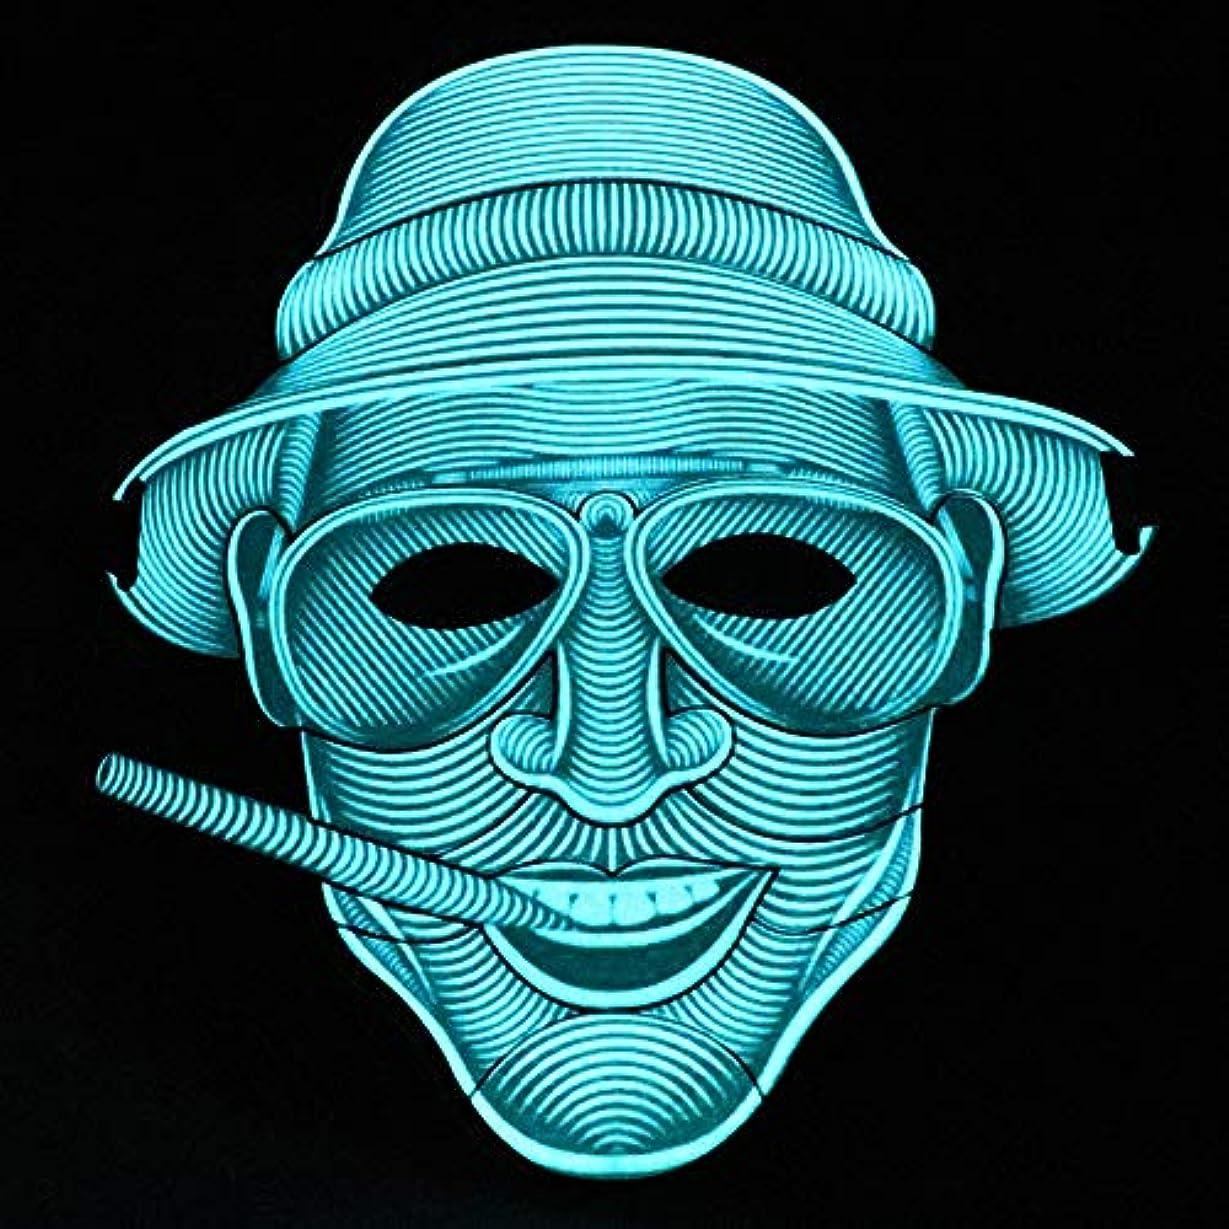 政権薬祈る照らされたマスクLED創造的な冷光音響制御マスクハロウィンバーフェスティバルダンスマスク (Color : #1)